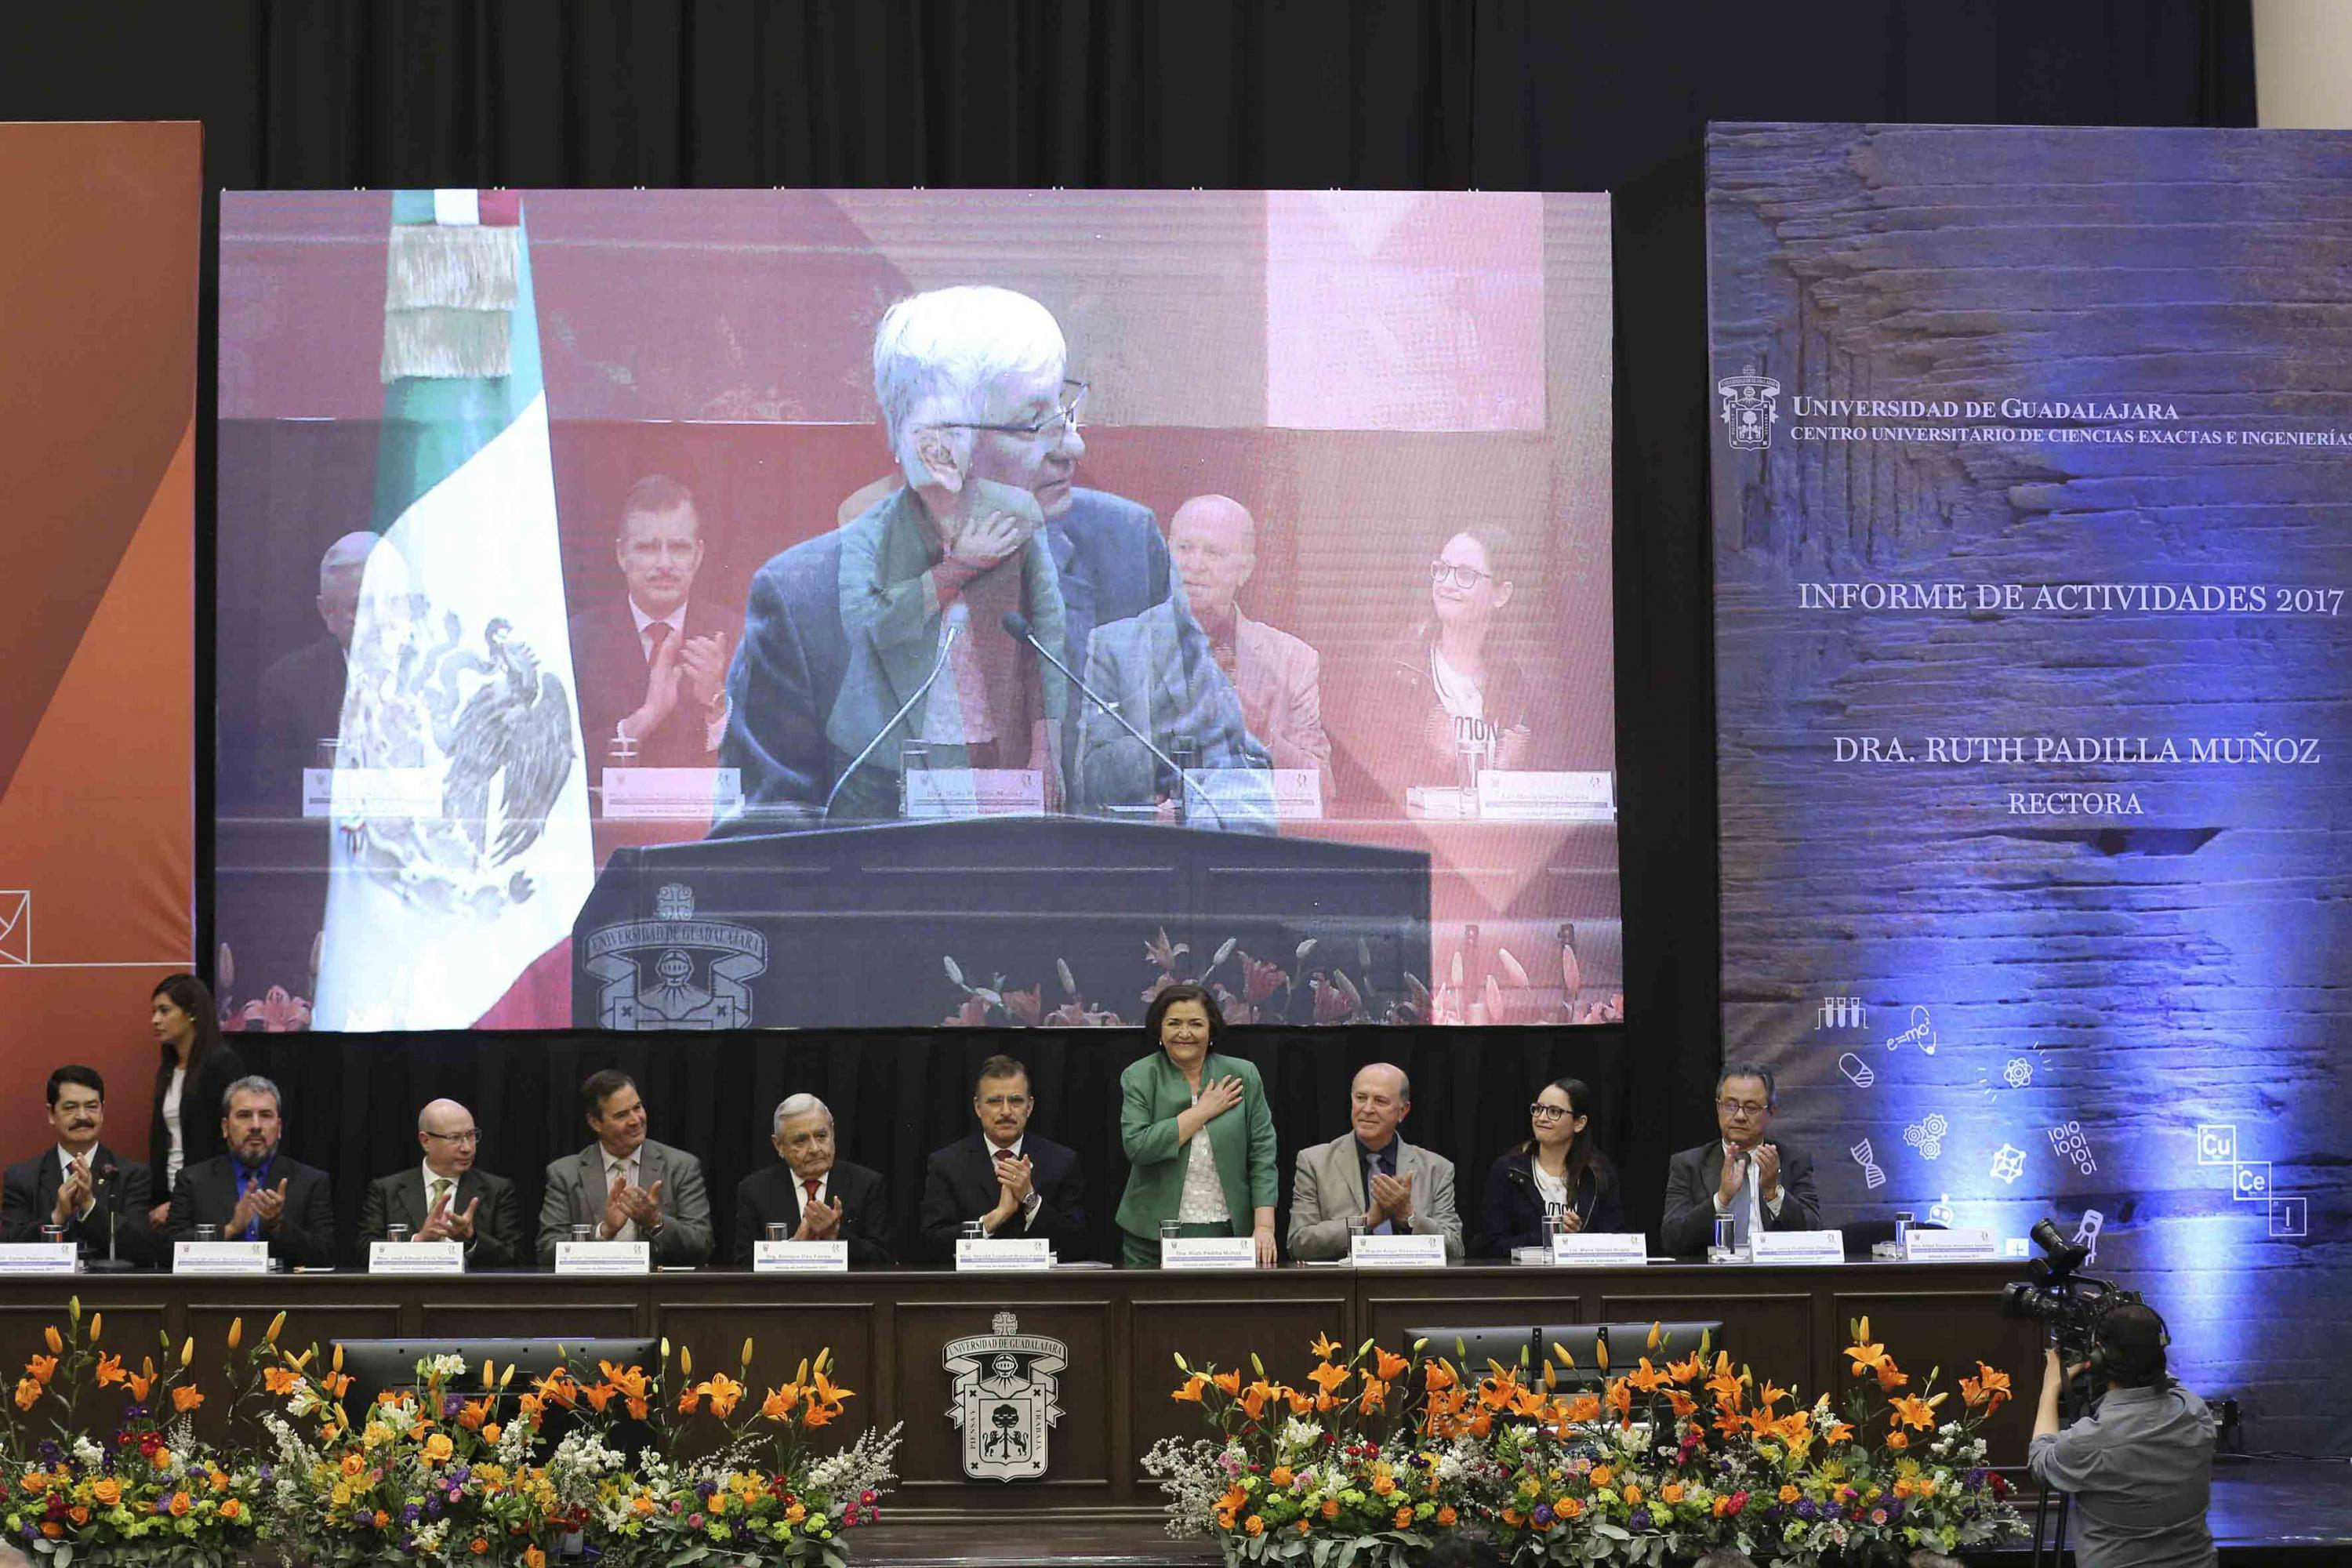 Informe de actividades de la doctora Ruth Padilla Muñoz